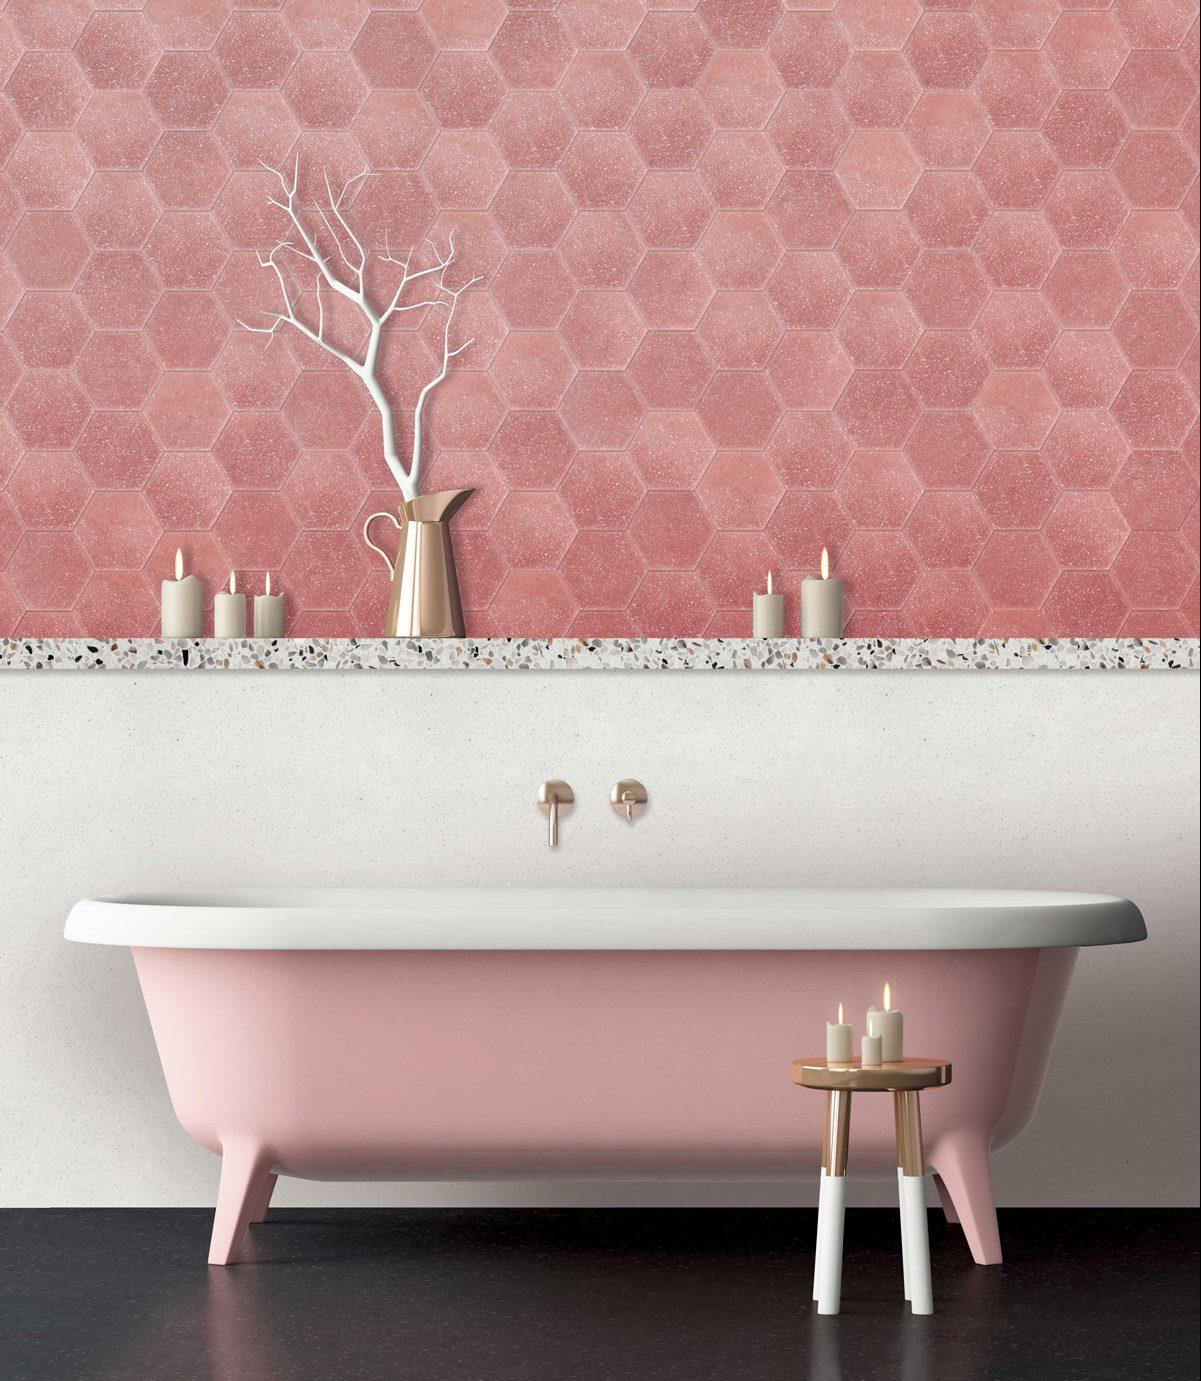 Pink Bathroom Tiles 1201x1381 Download Hd Wallpaper Wallpapertip